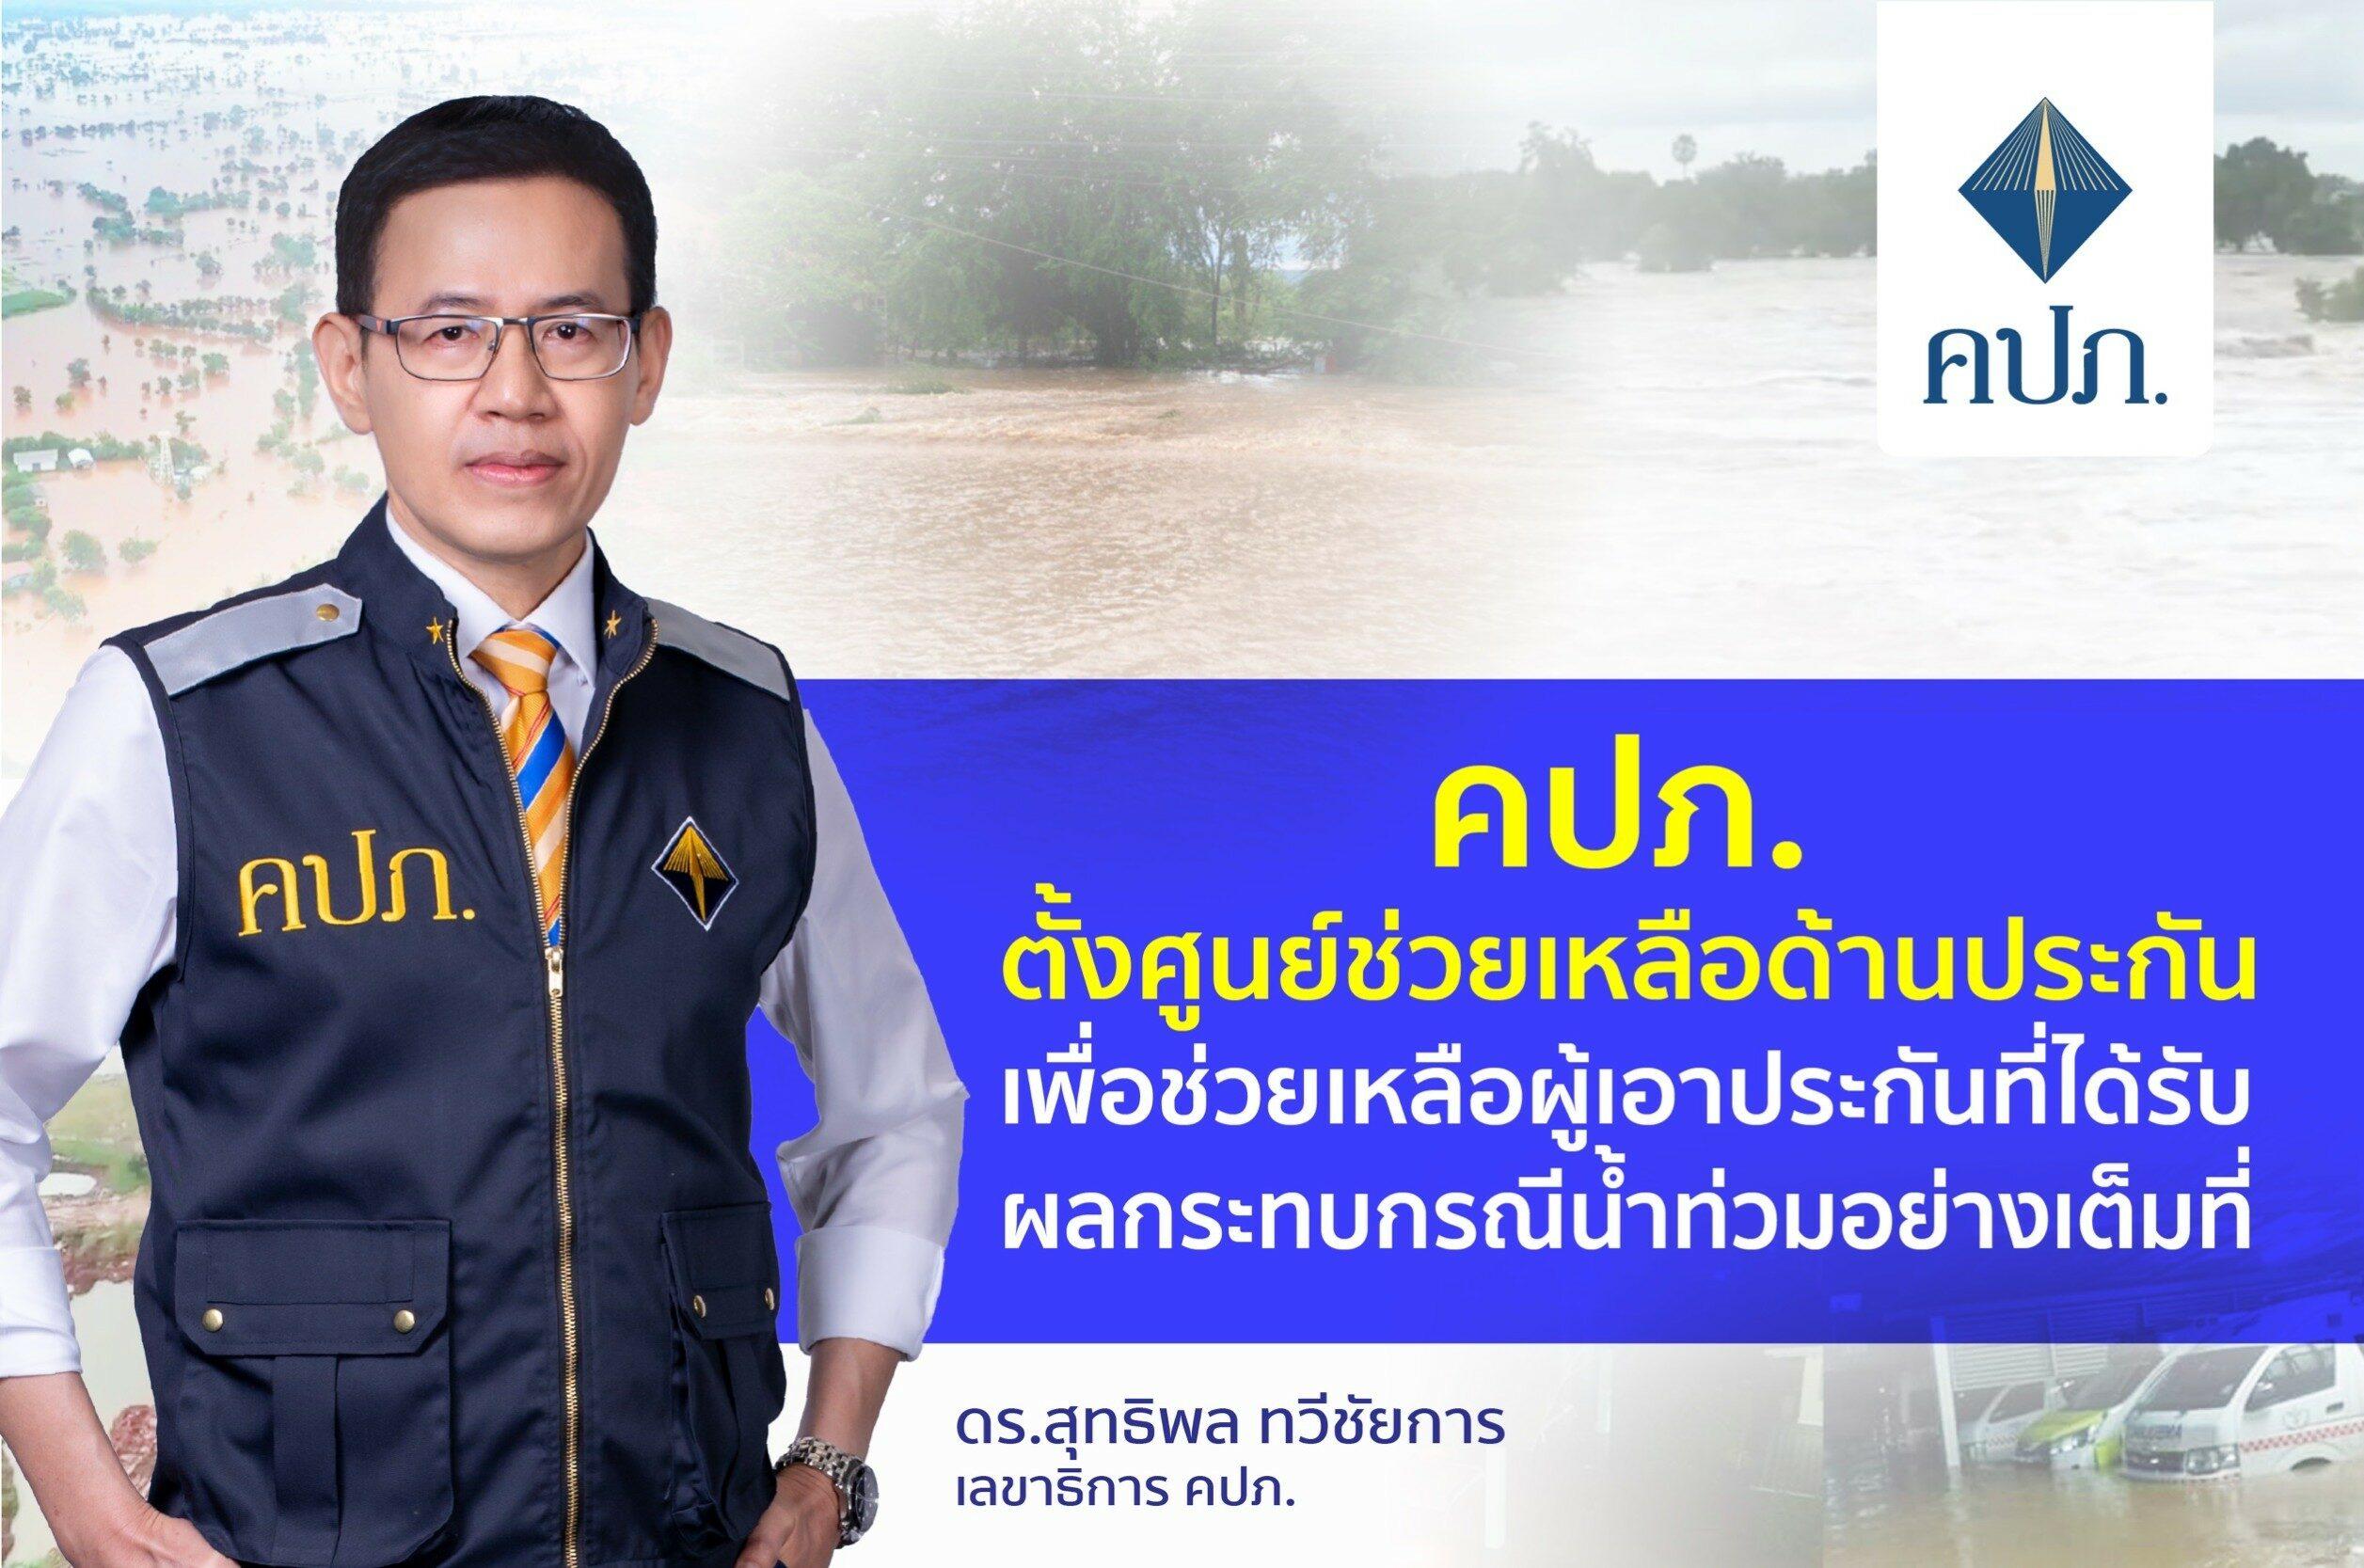 คปภ.สั้งตั้งศูนย์ช่วยเหลือ 'ผู้เอาประกัน' ที่ได้รับผลกระทบจากน้ำท่วม